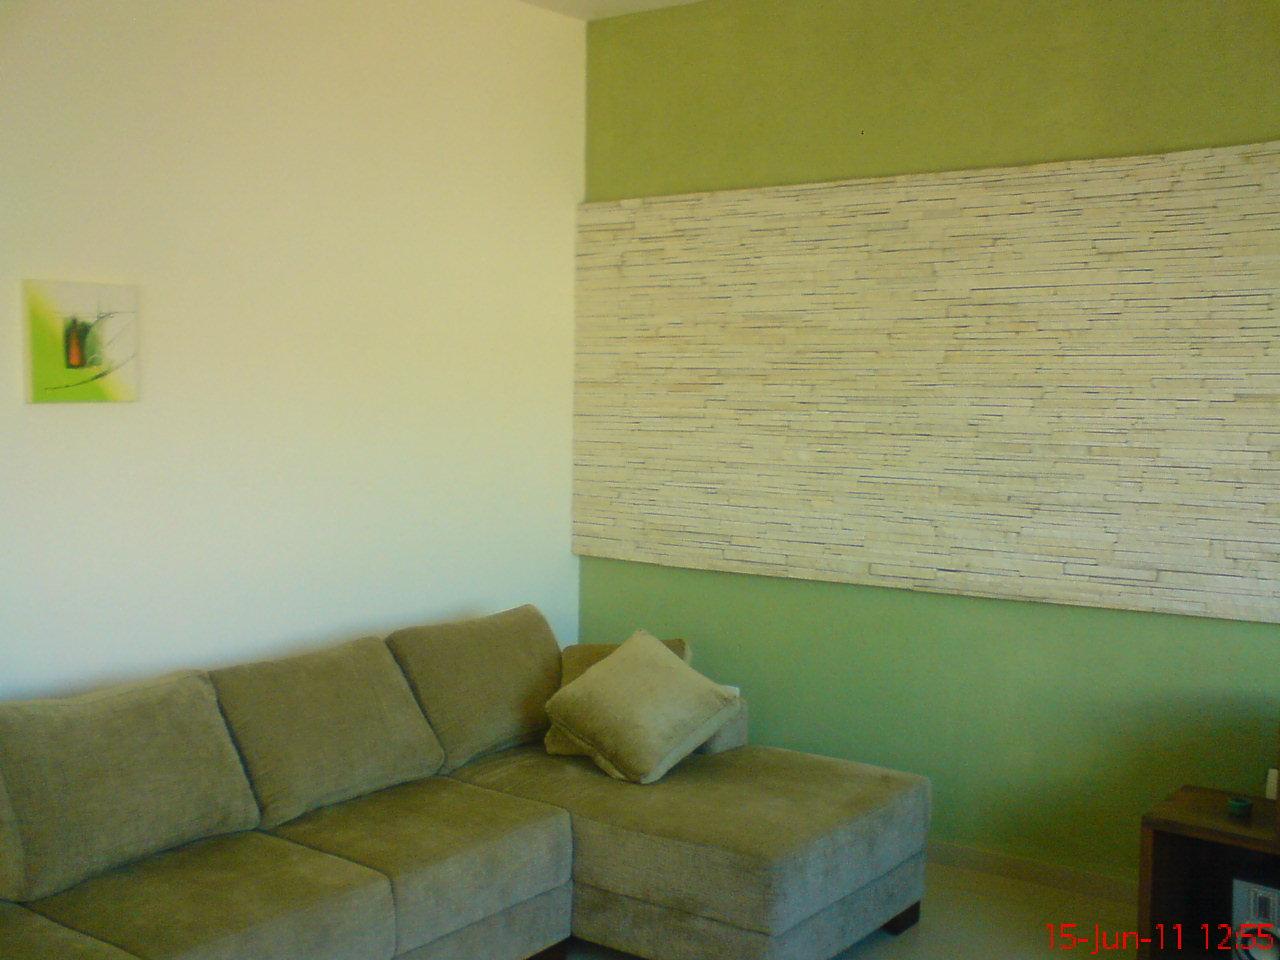 Os quadros na parede so para não deixar o vazio #3B3F1B 1280 960